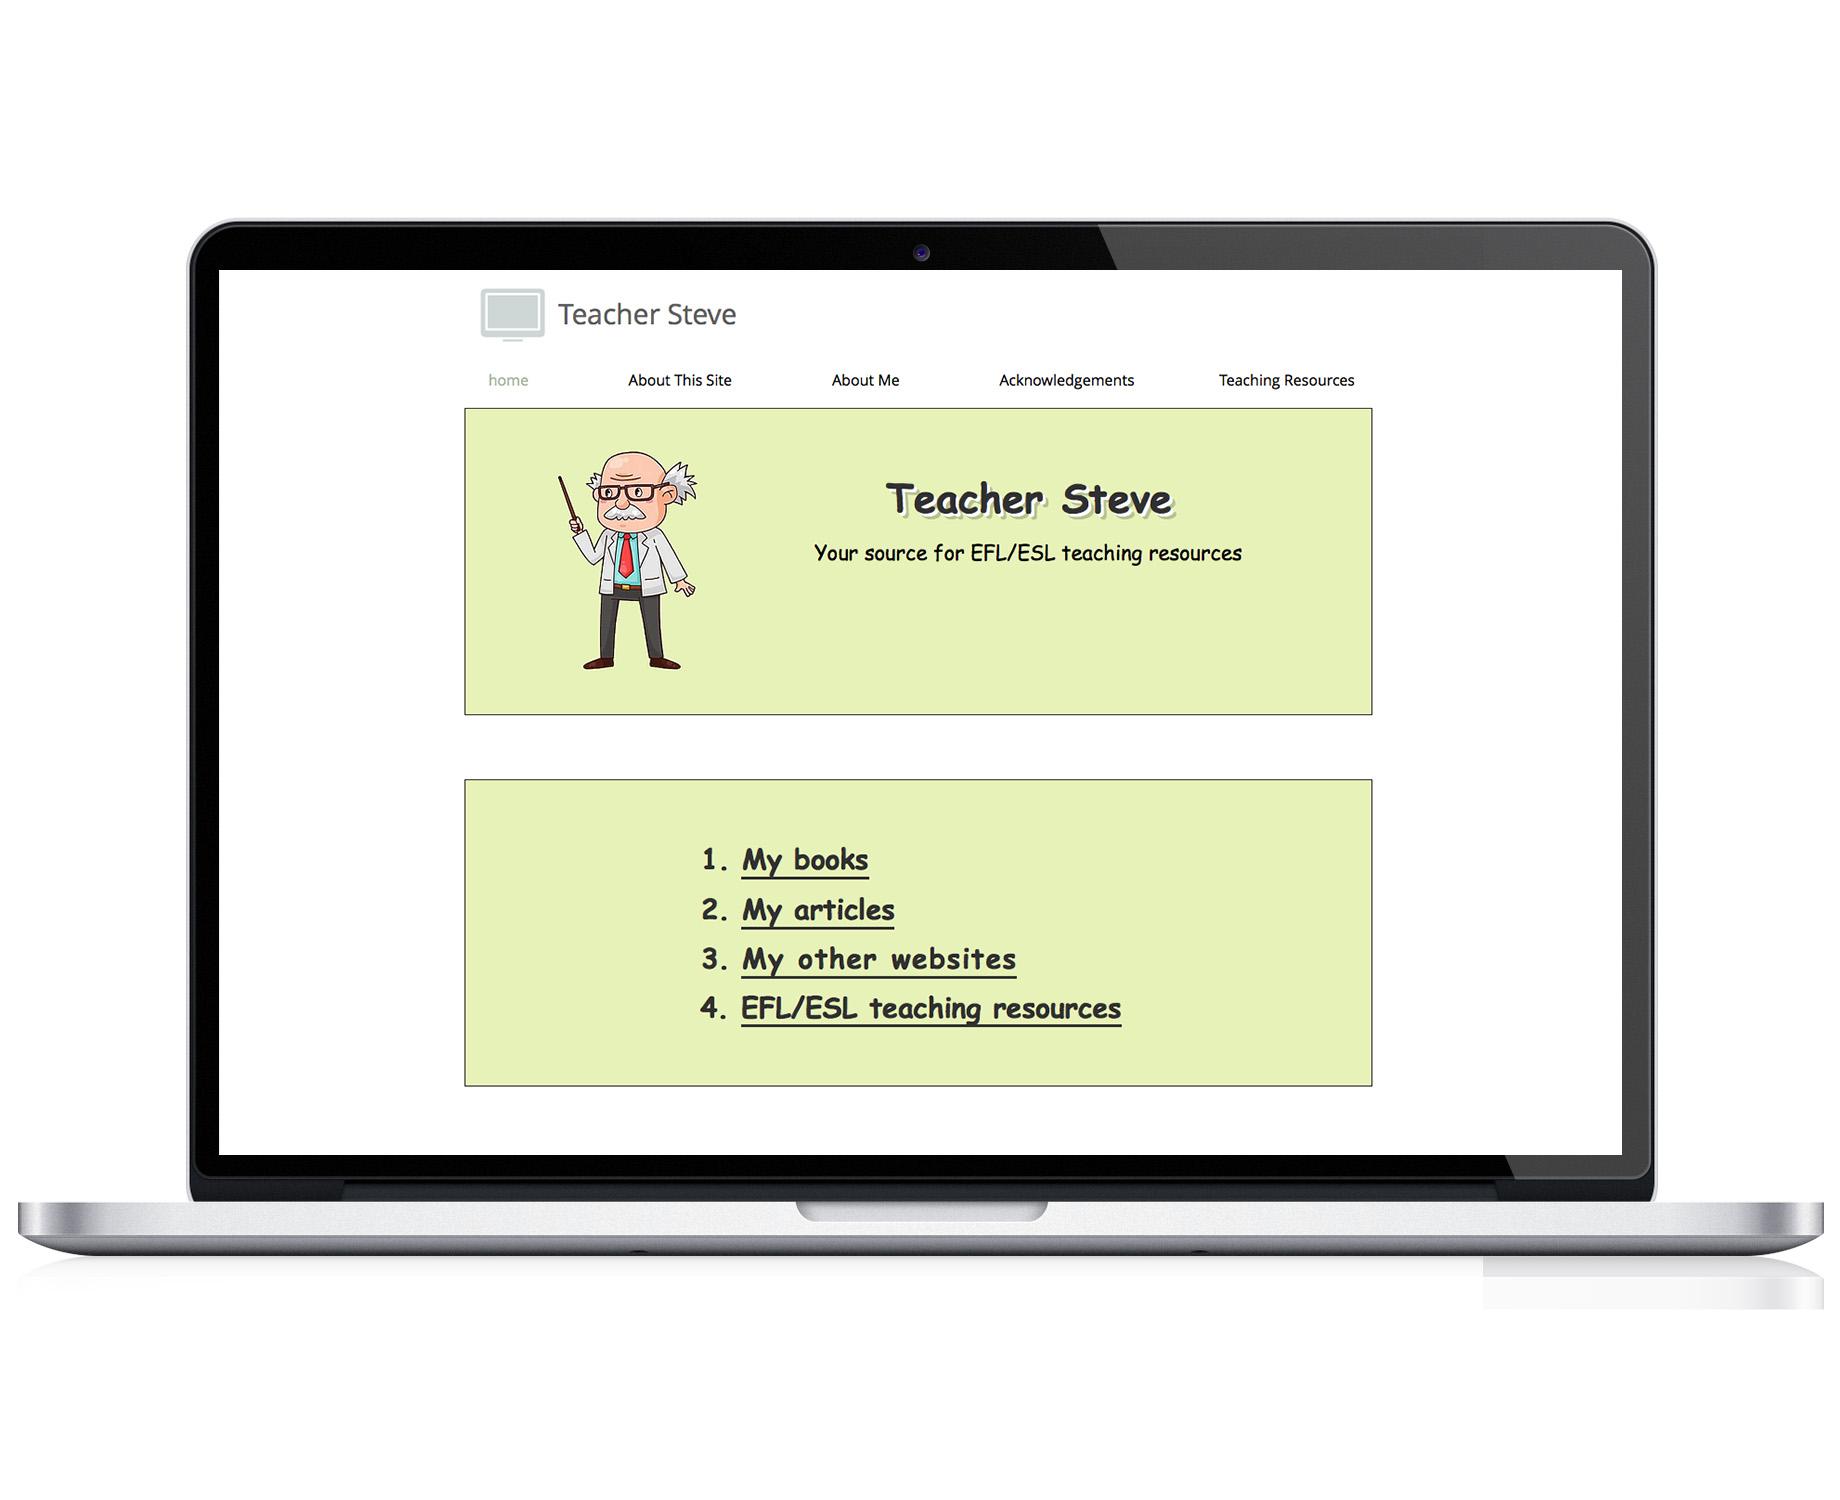 teacher-steve-website.jpg